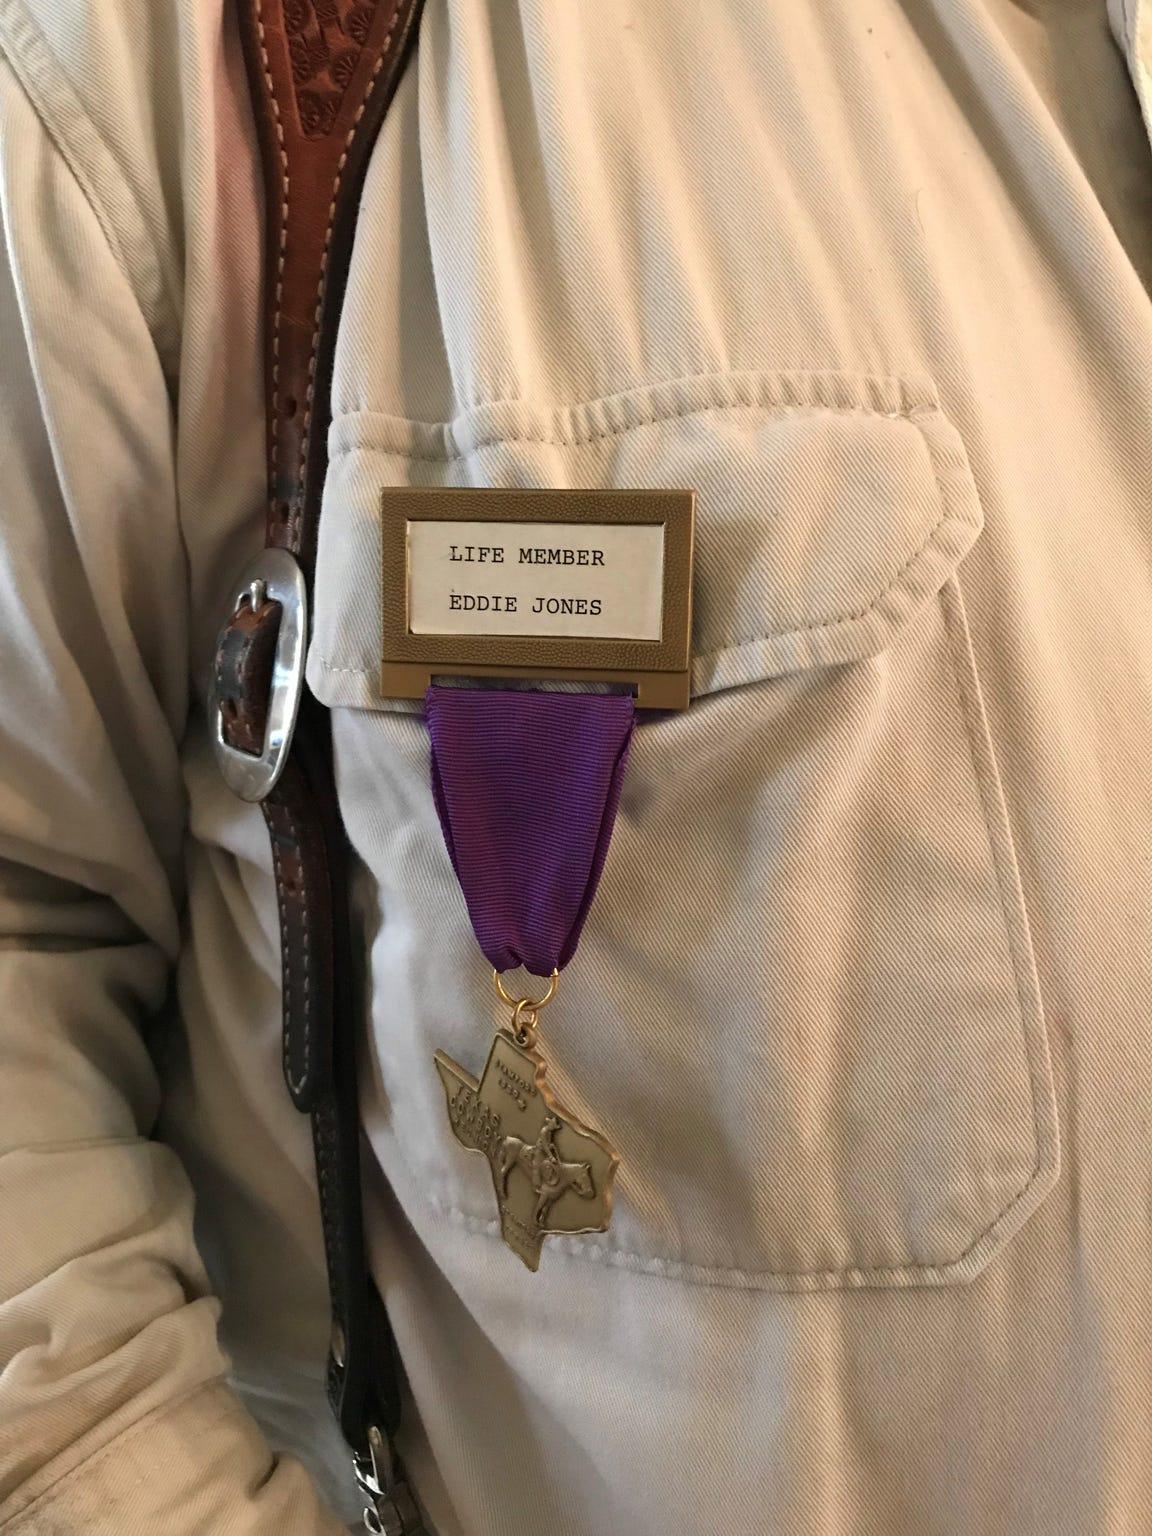 Eddie Jones of the Texas Cowboy Reunion Old Timers wears his membership badge.